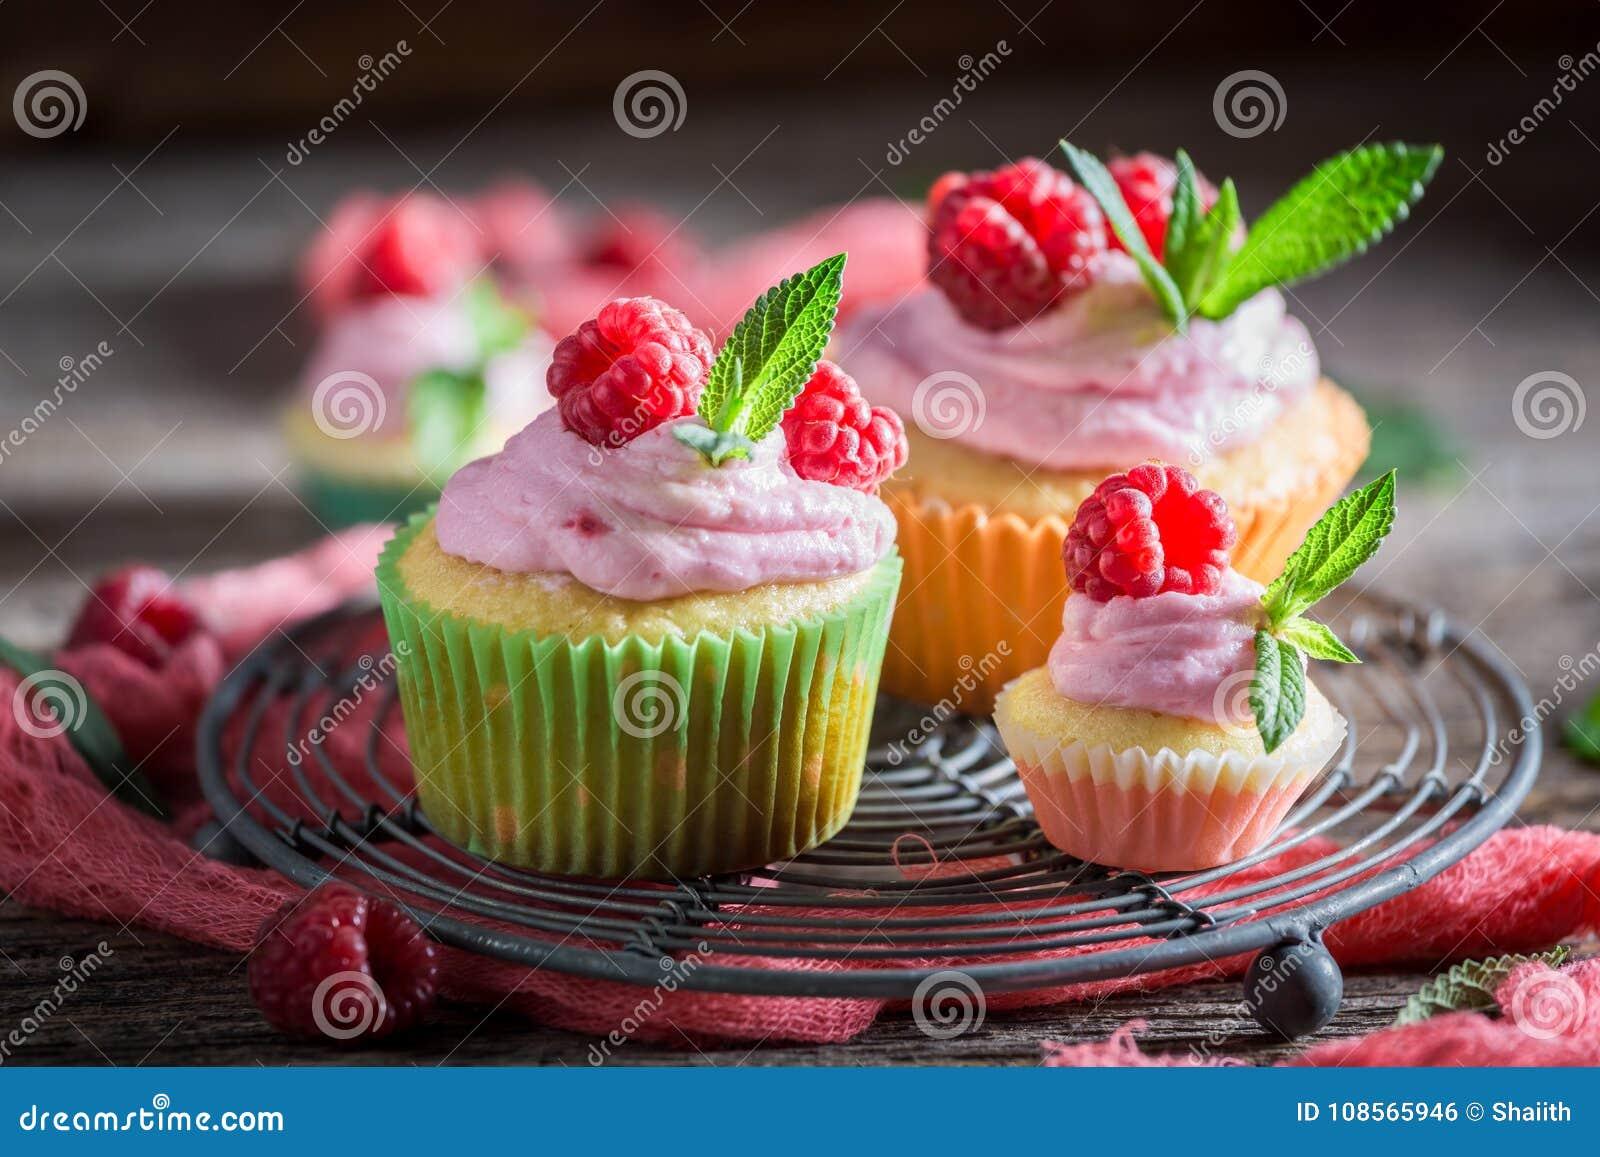 Nahaufnahme des süßen Himbeerkleinen kuchens gemacht von der Creme und von den Früchten